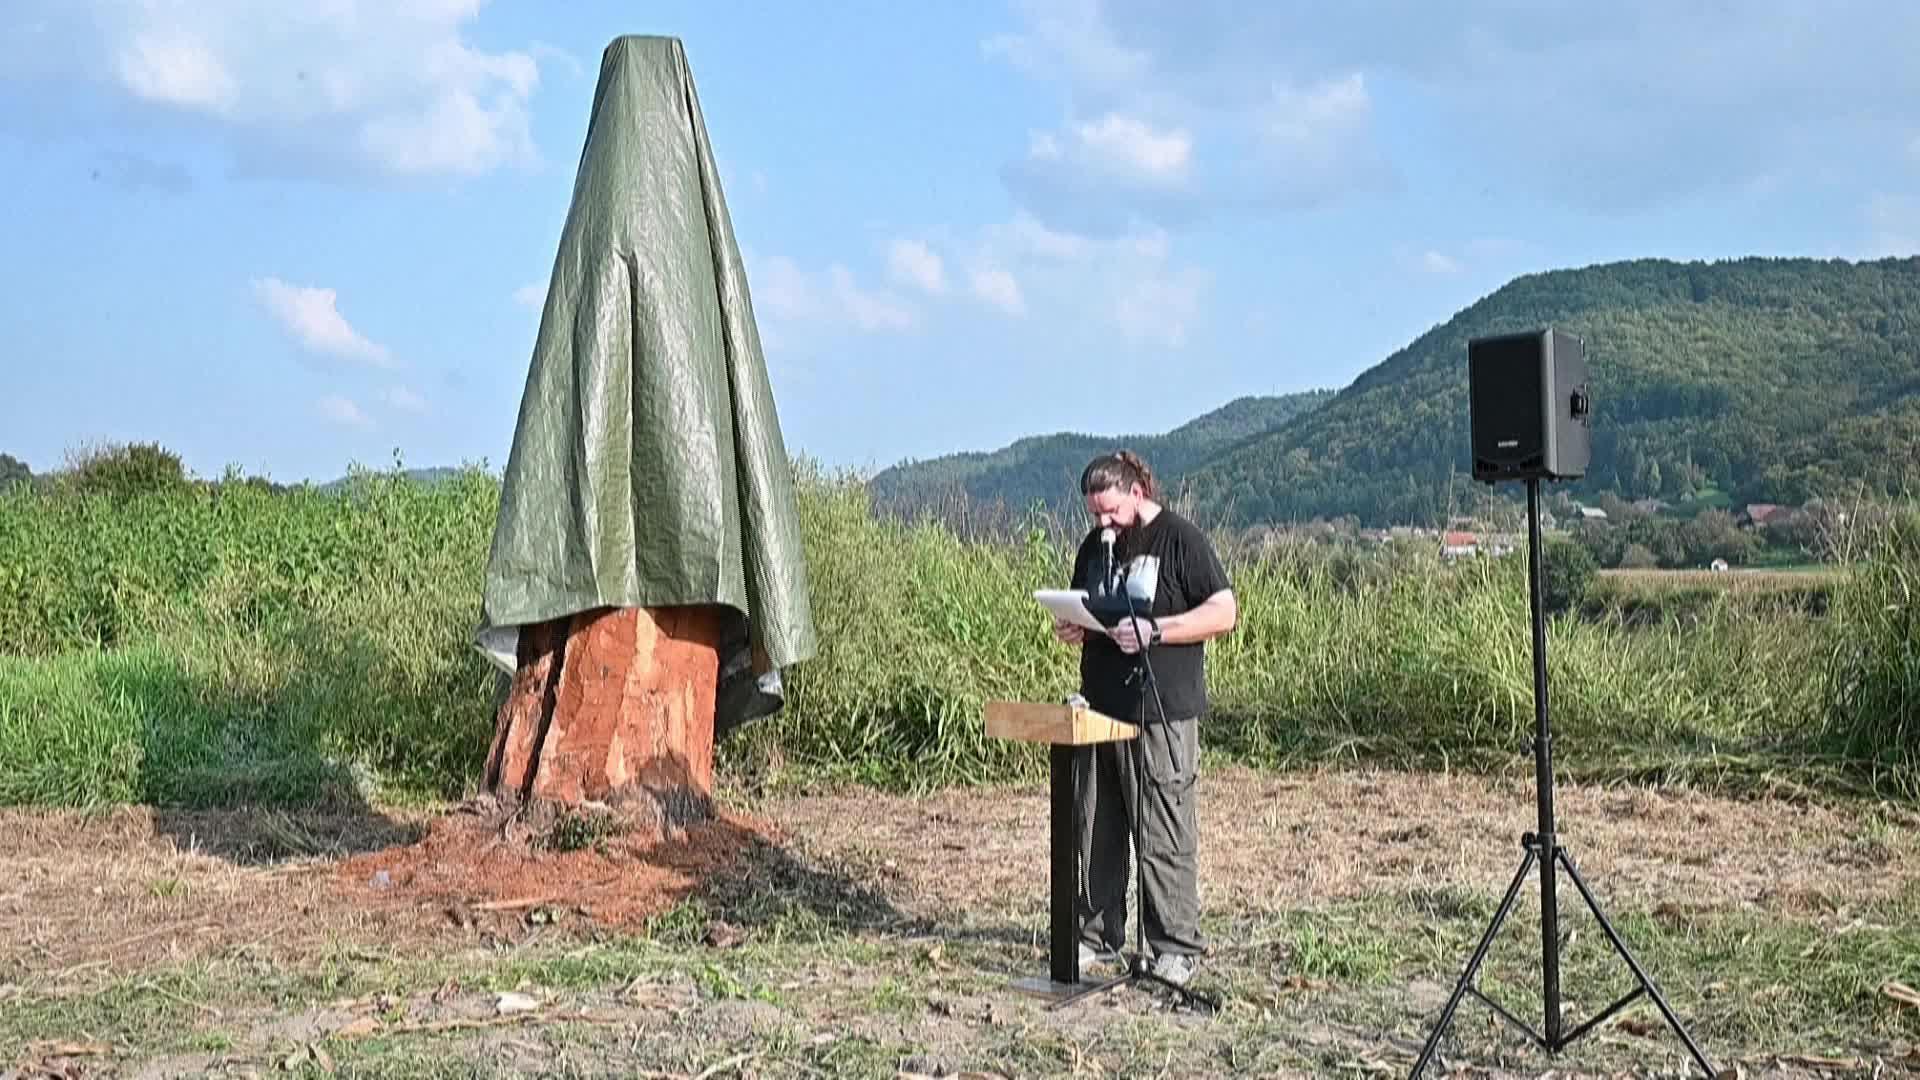 美国第一夫人新雕像在斯洛文尼亚揭幕